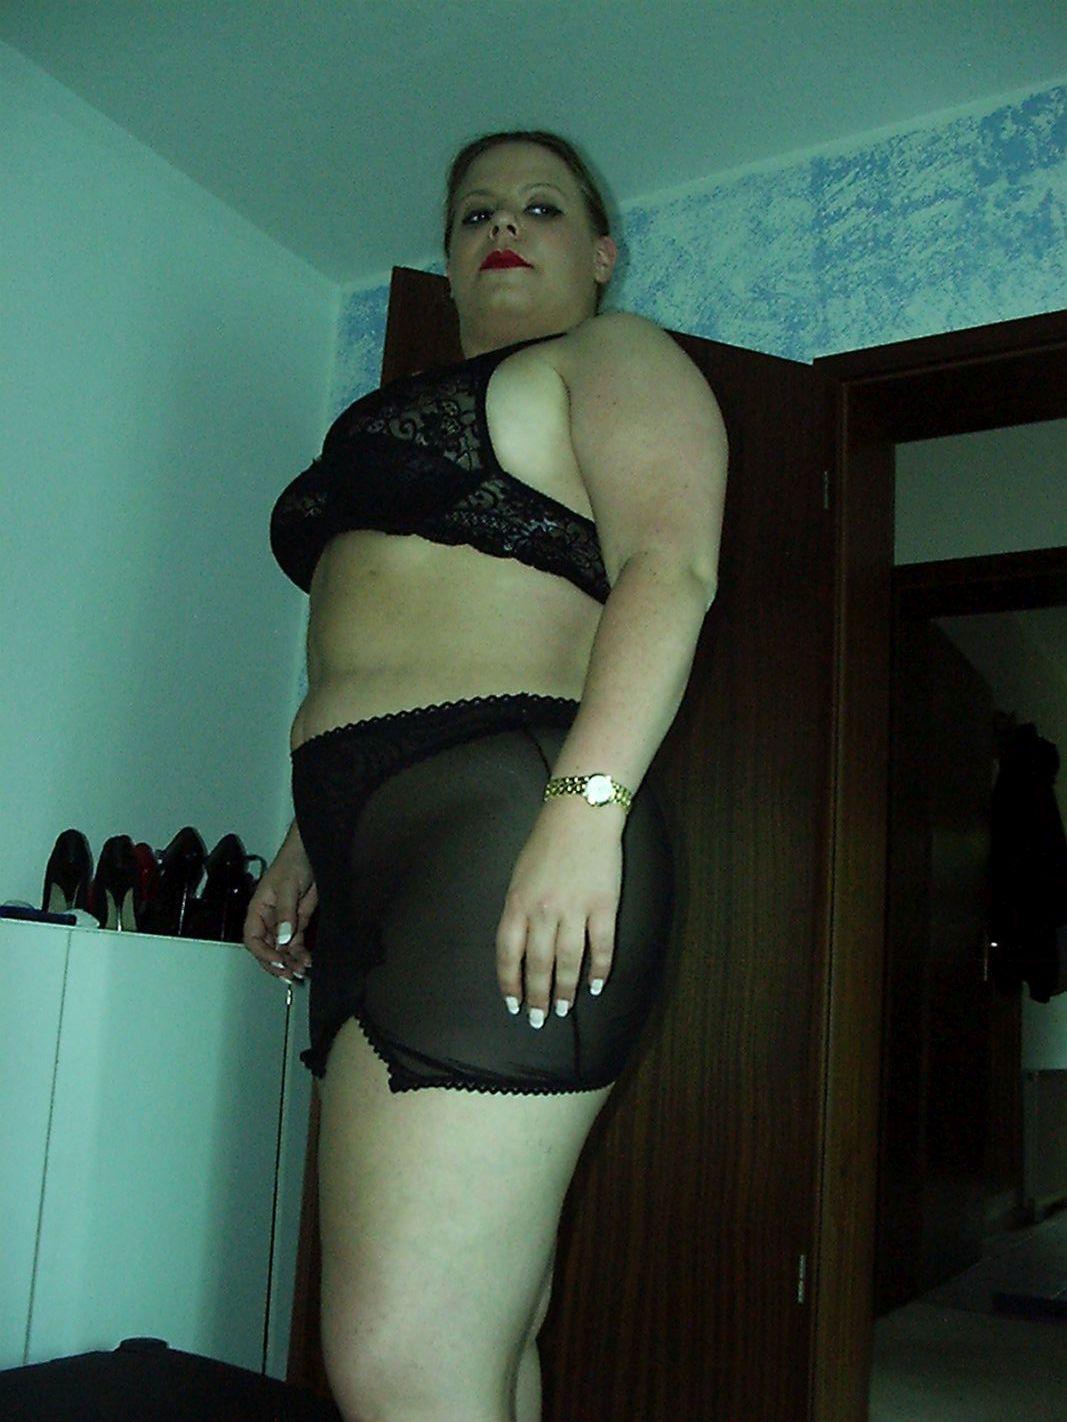 pummelige Frau in sexy Unterwäsche